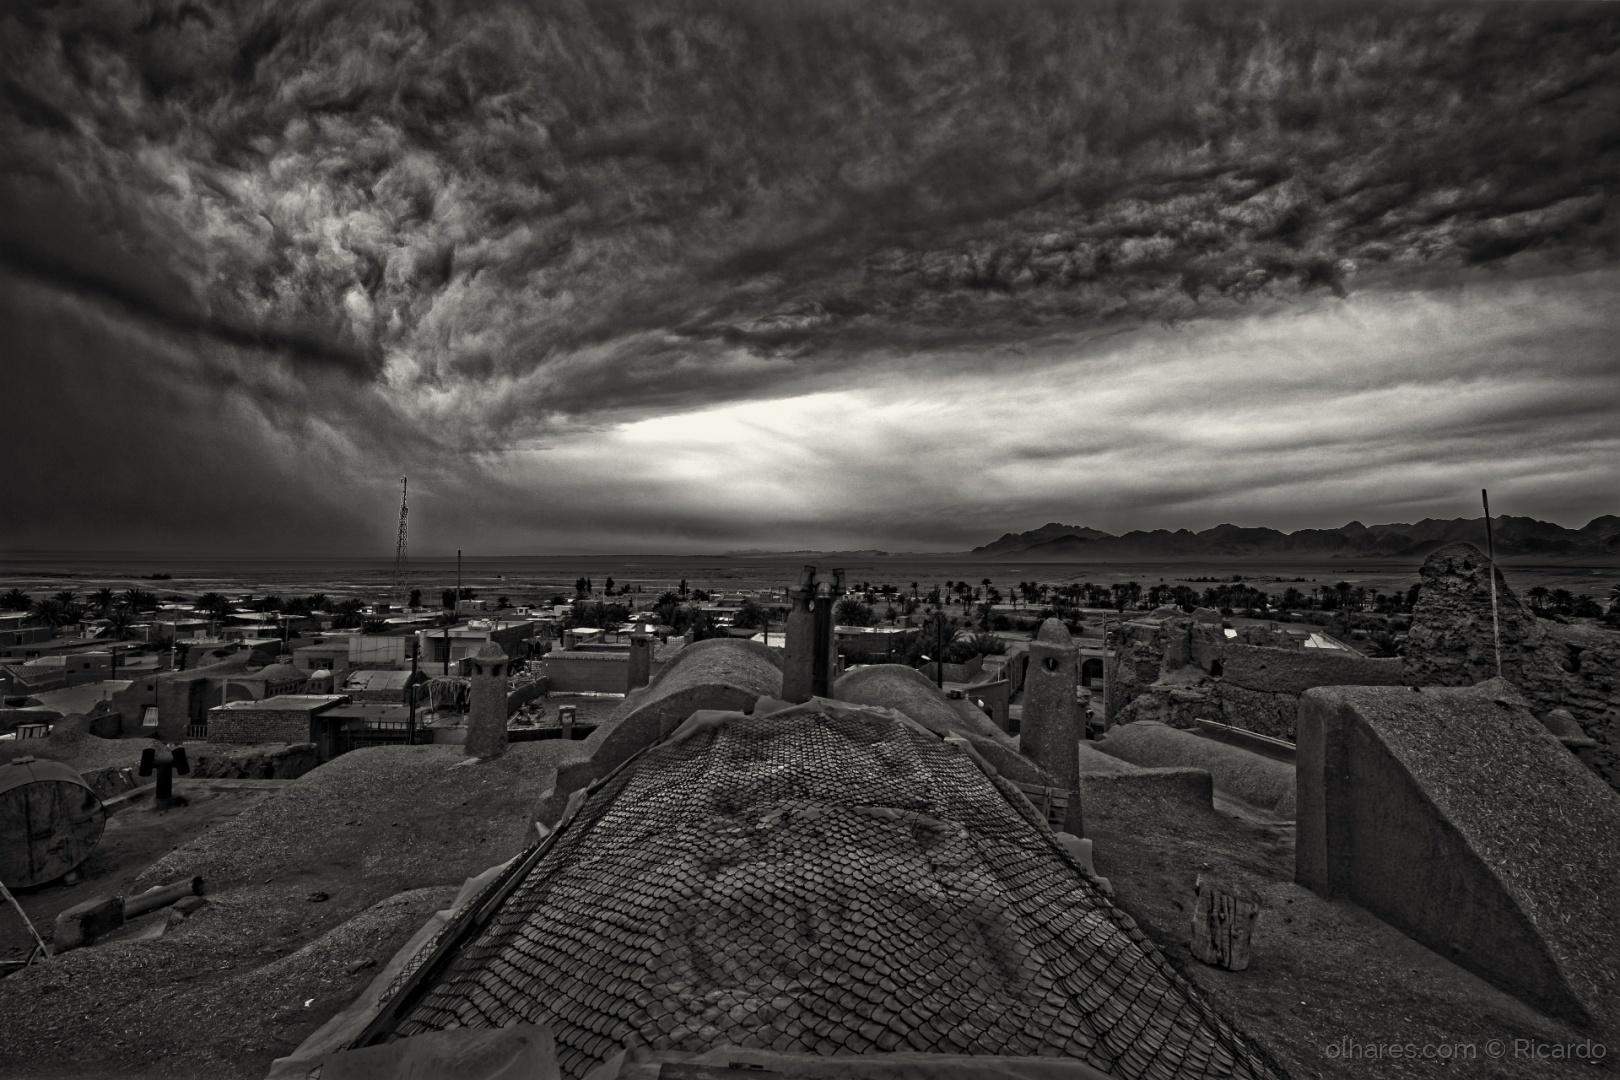 Outros/The Sky